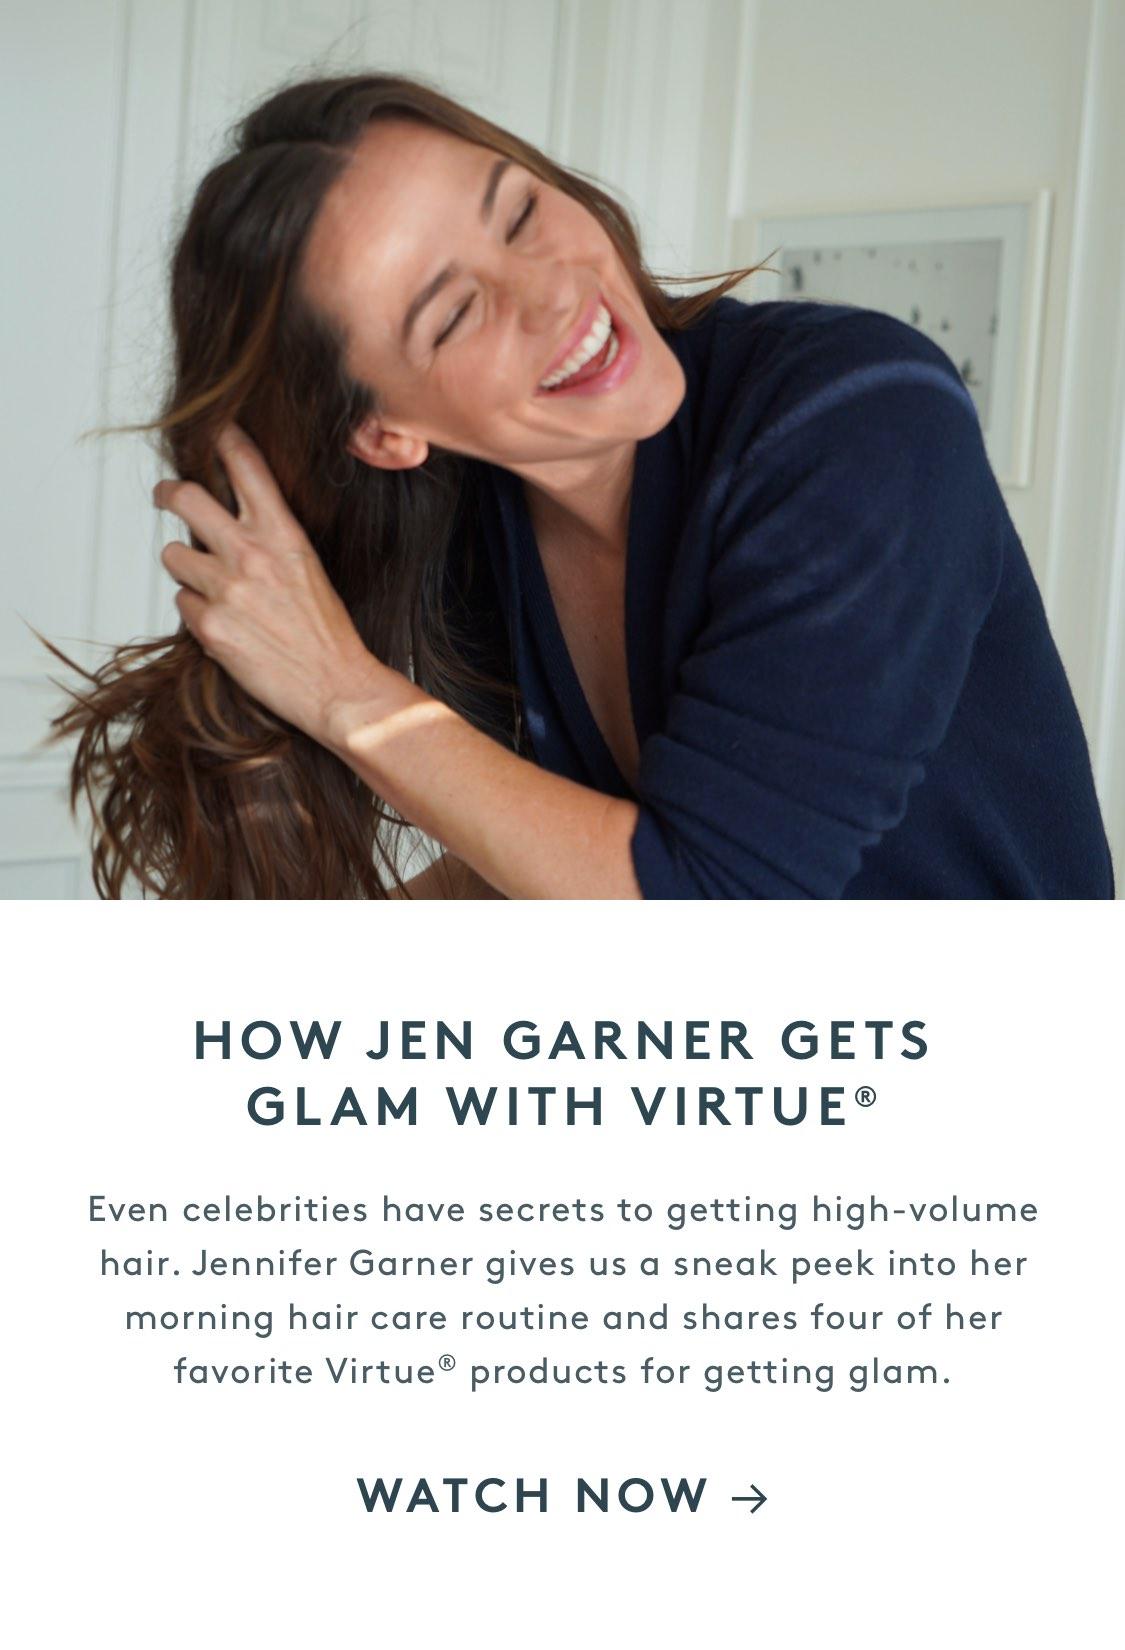 How Jen Garner Gets Glam With Virtue®